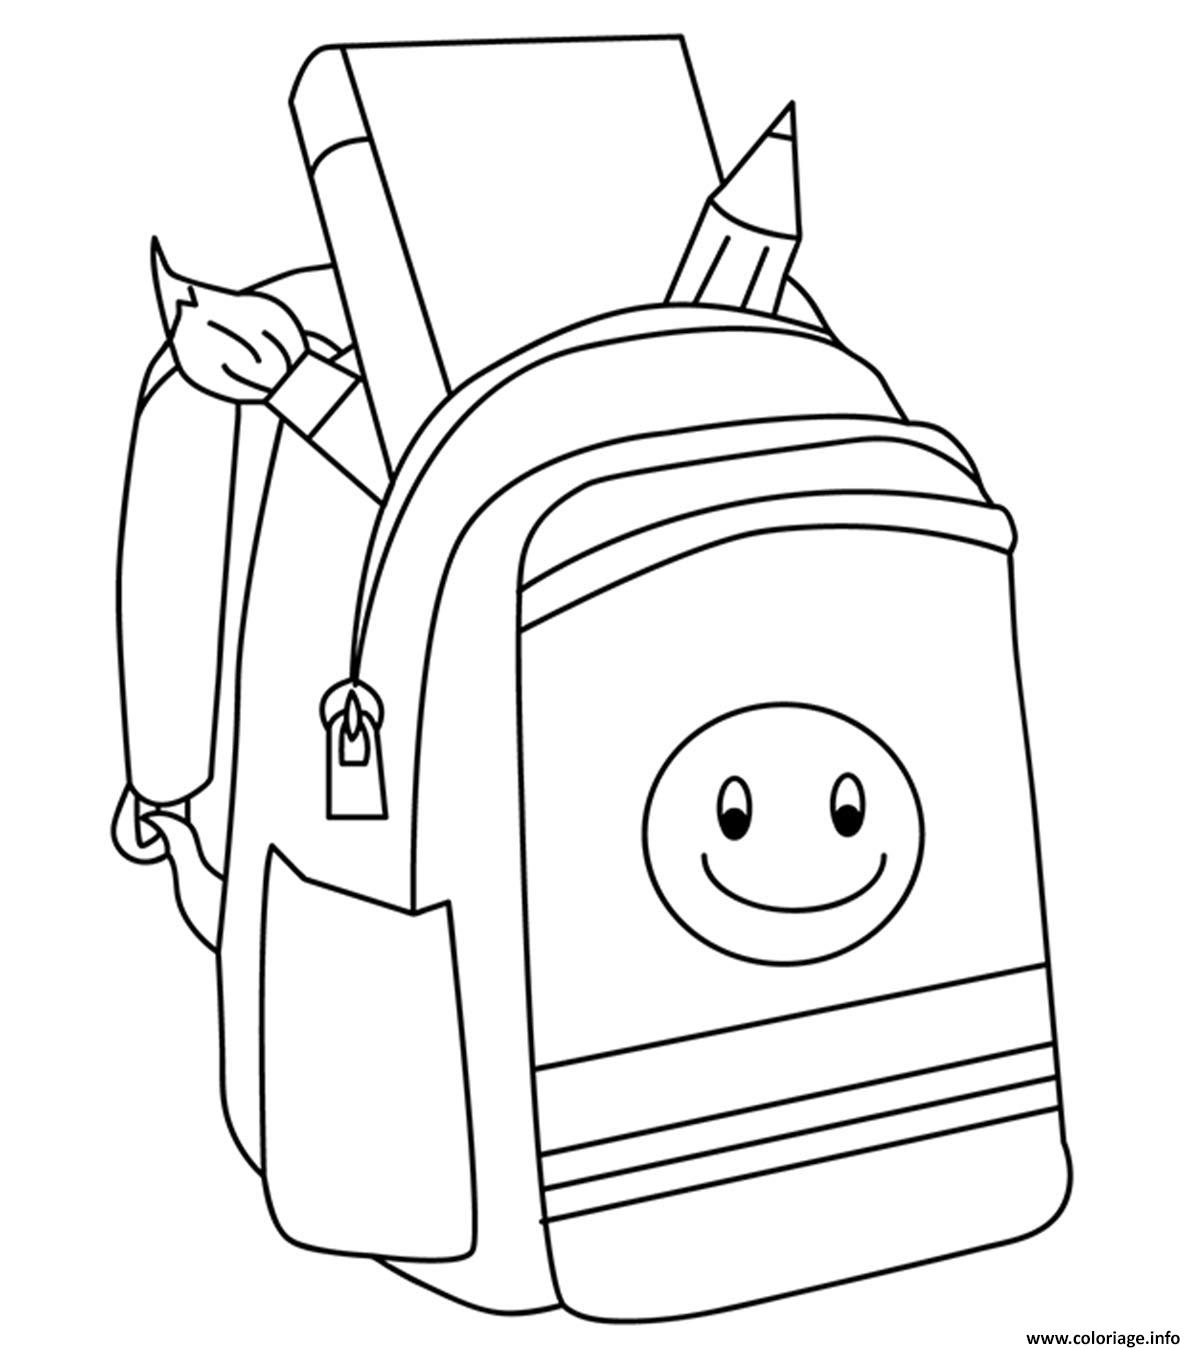 Dessin rentree scolaire sac a dos Coloriage Gratuit à Imprimer